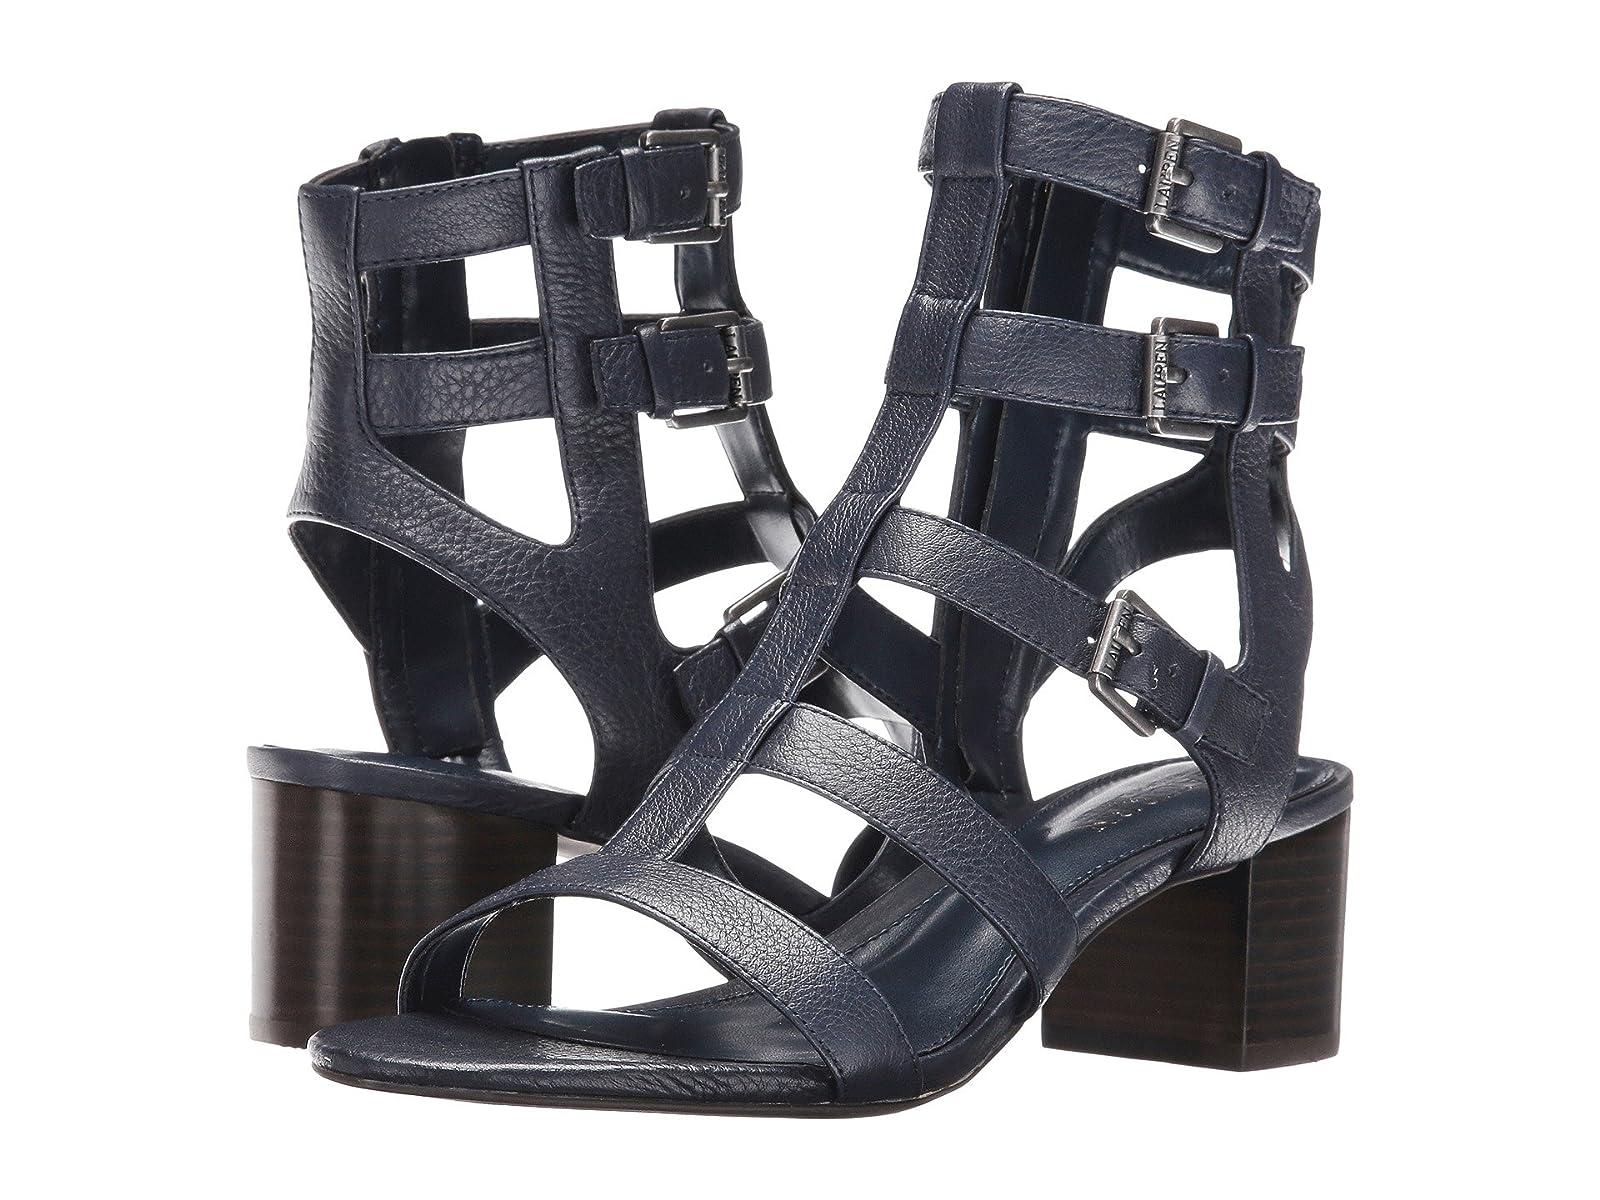 LAUREN Ralph Lauren MiriCheap and distinctive eye-catching shoes